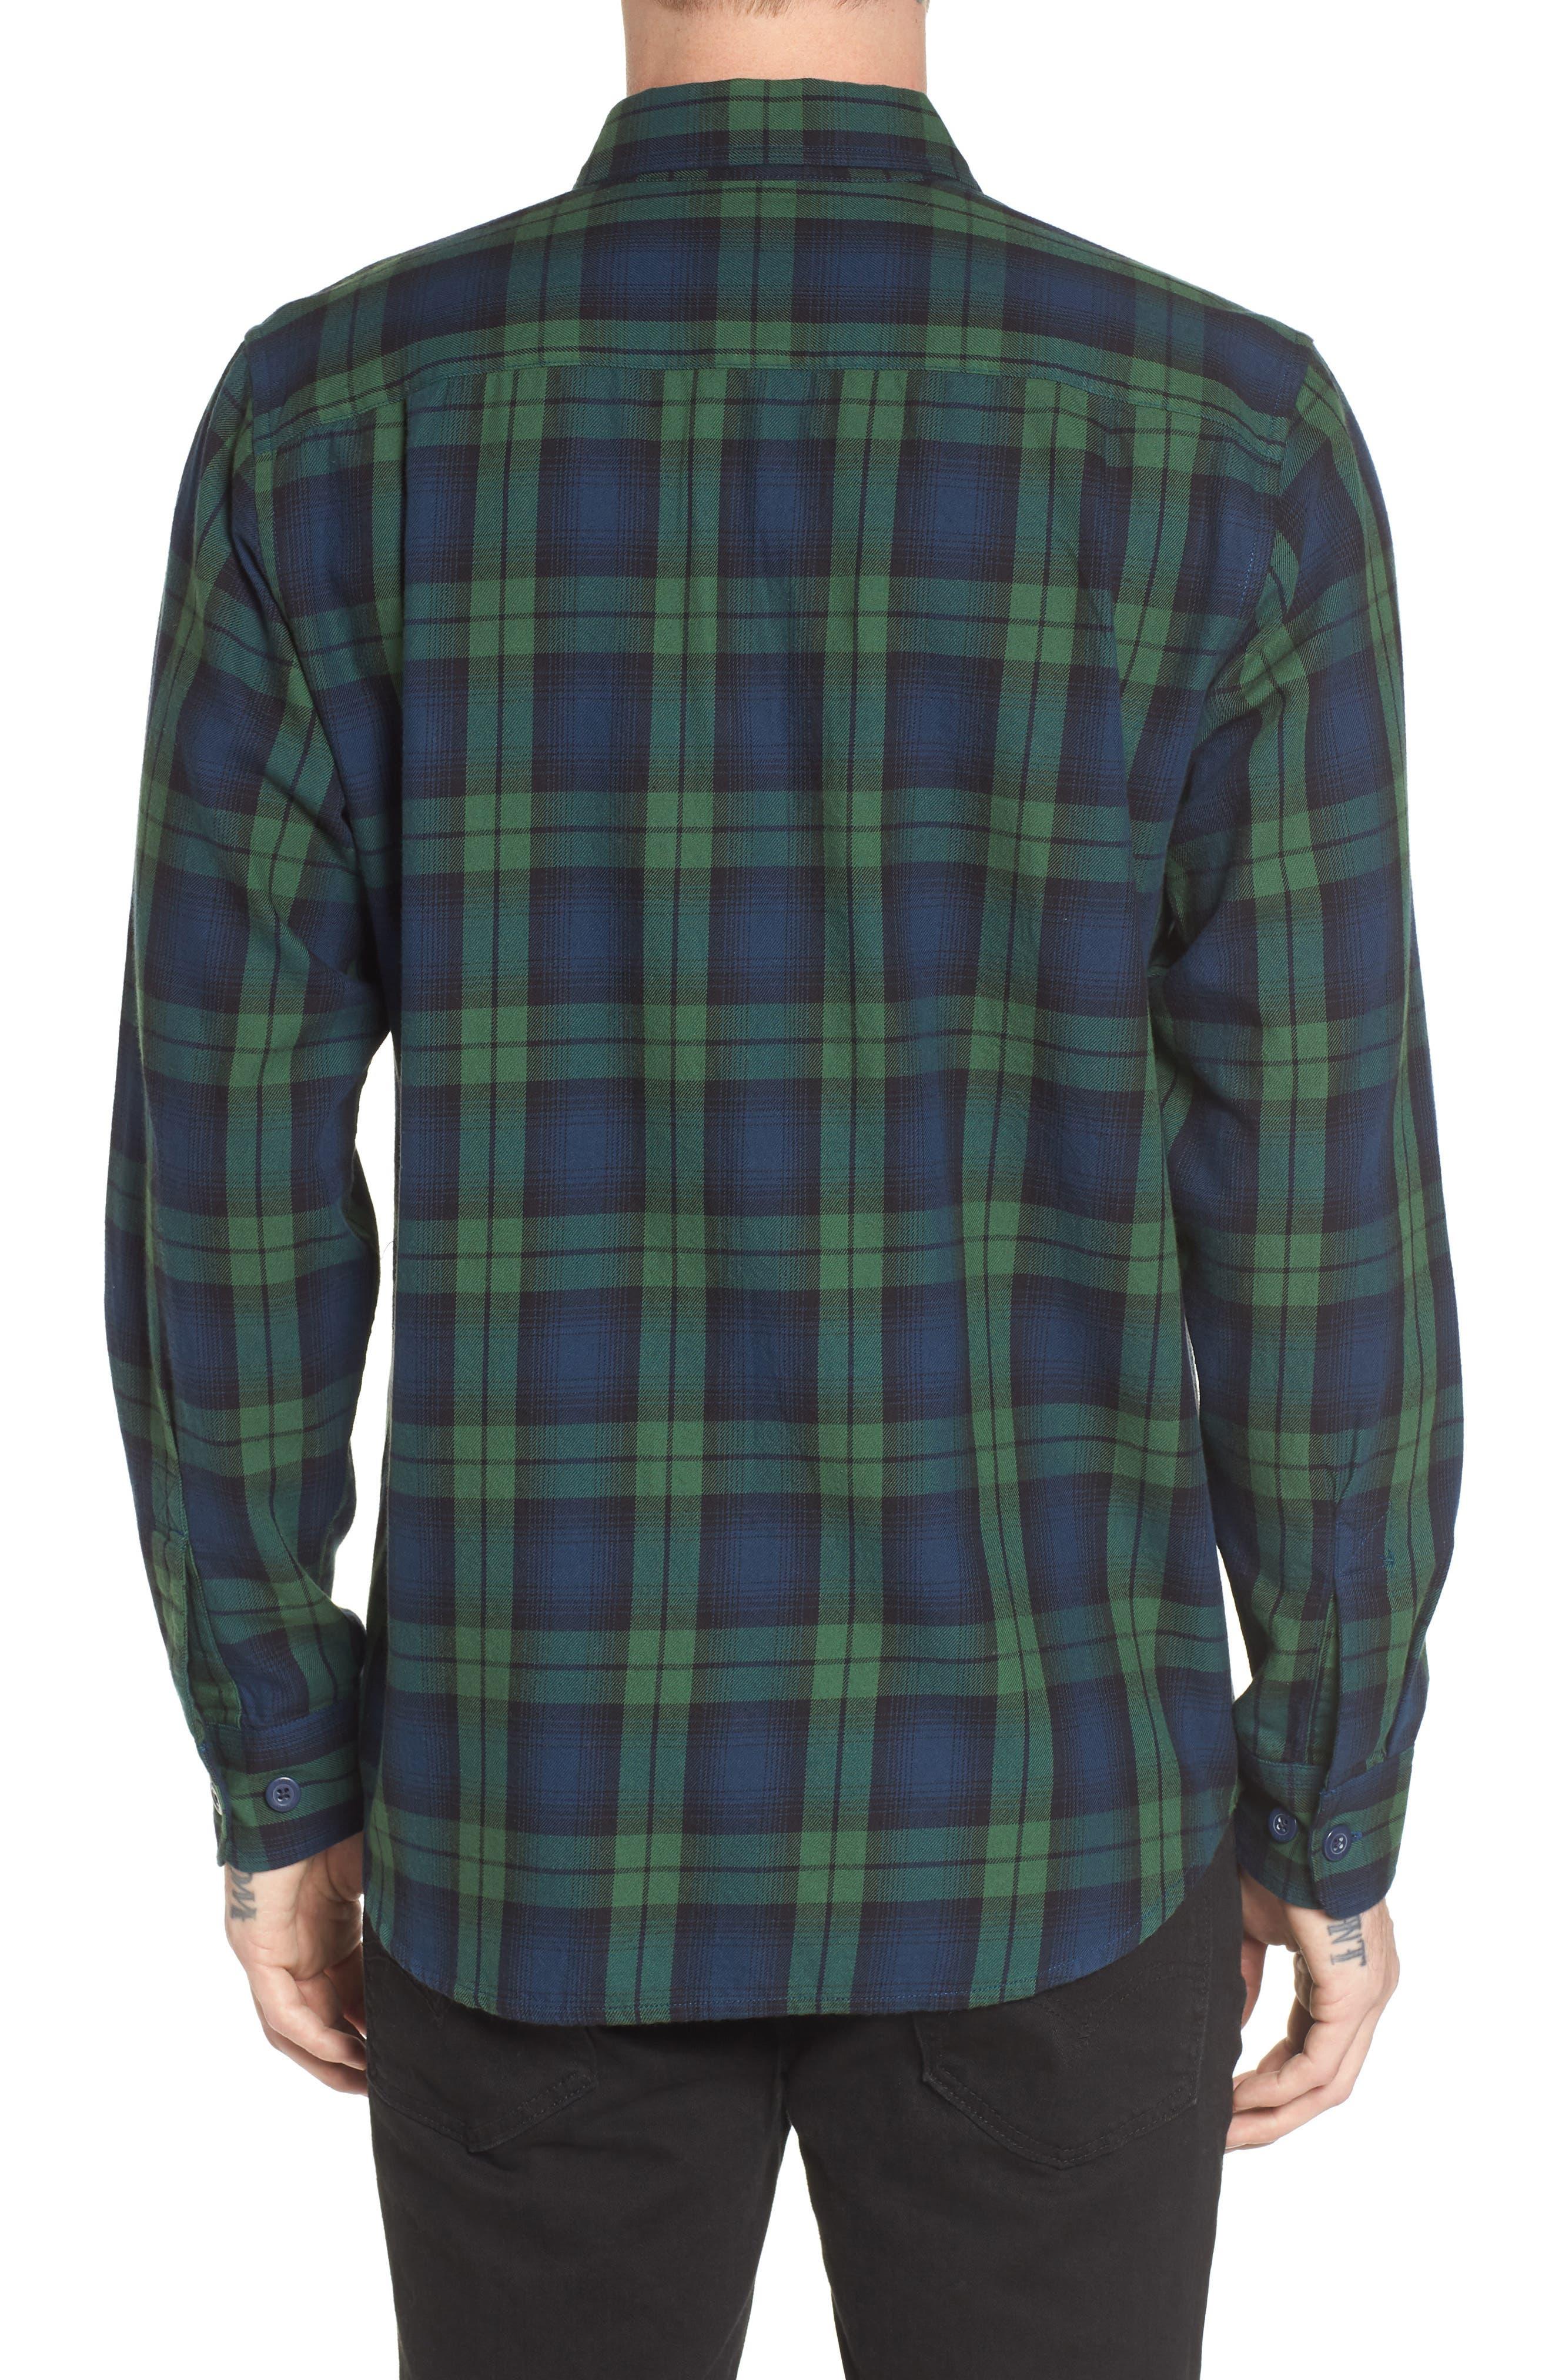 Norwich Plaid Woven Shirt,                             Alternate thumbnail 2, color,                             303